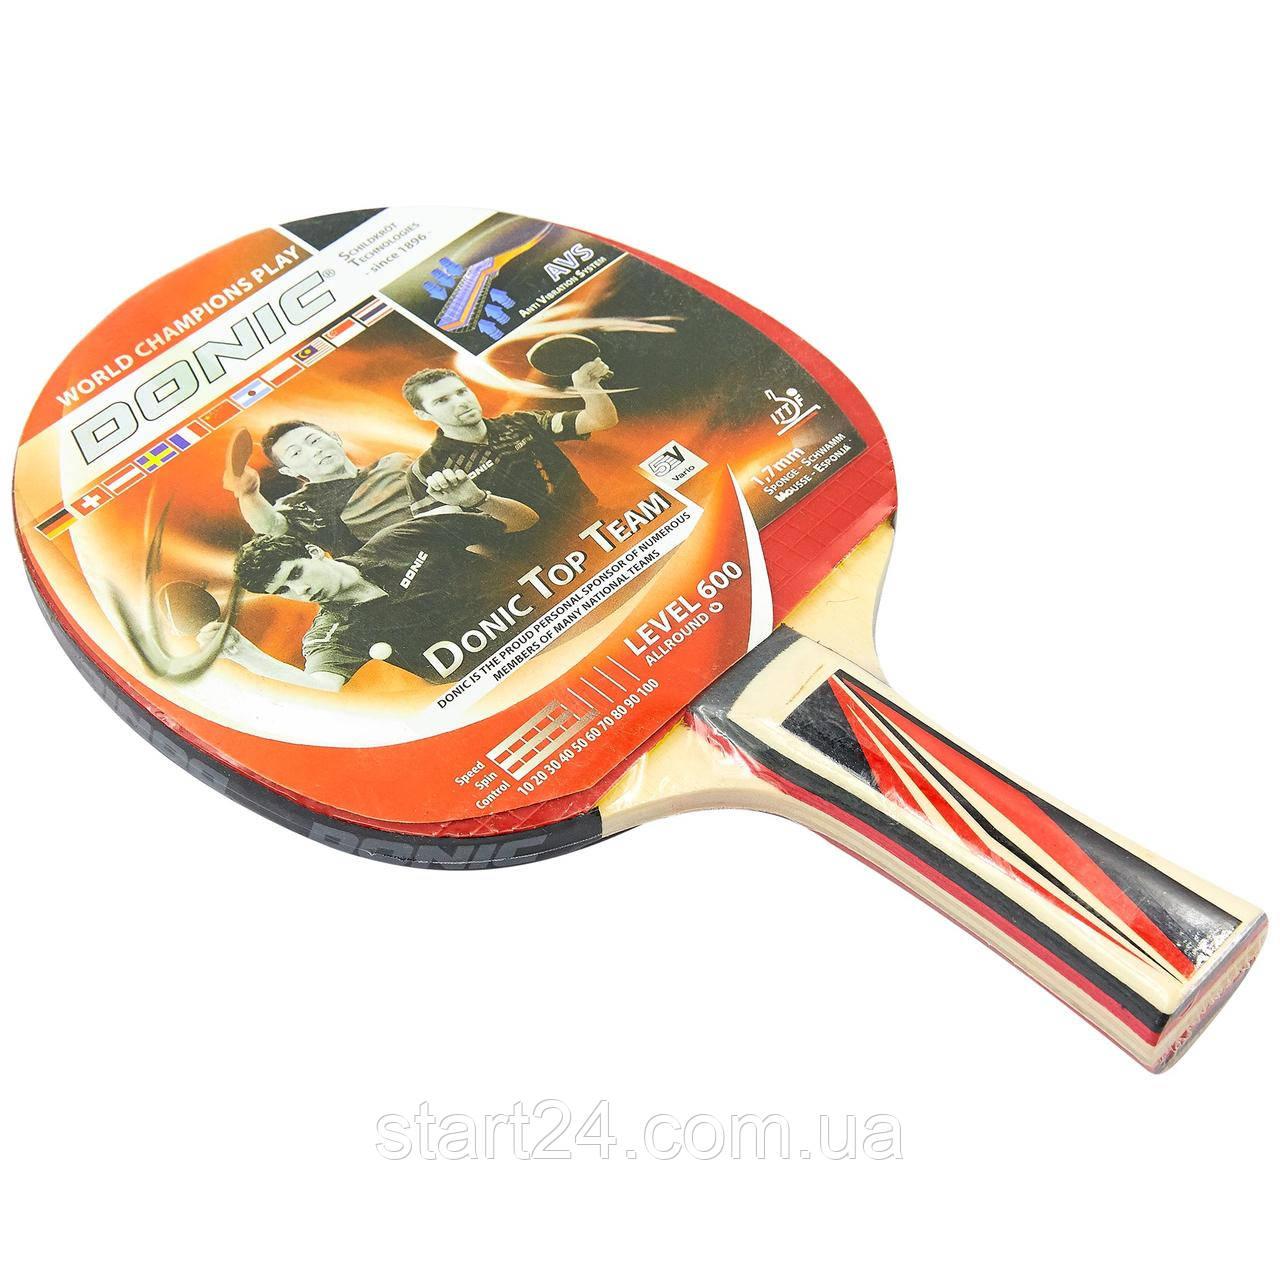 Ракетка для настільного тенісу 1 штука DNC LEVEL 600 MT-8385 TOP TEAM (деревина, гума)